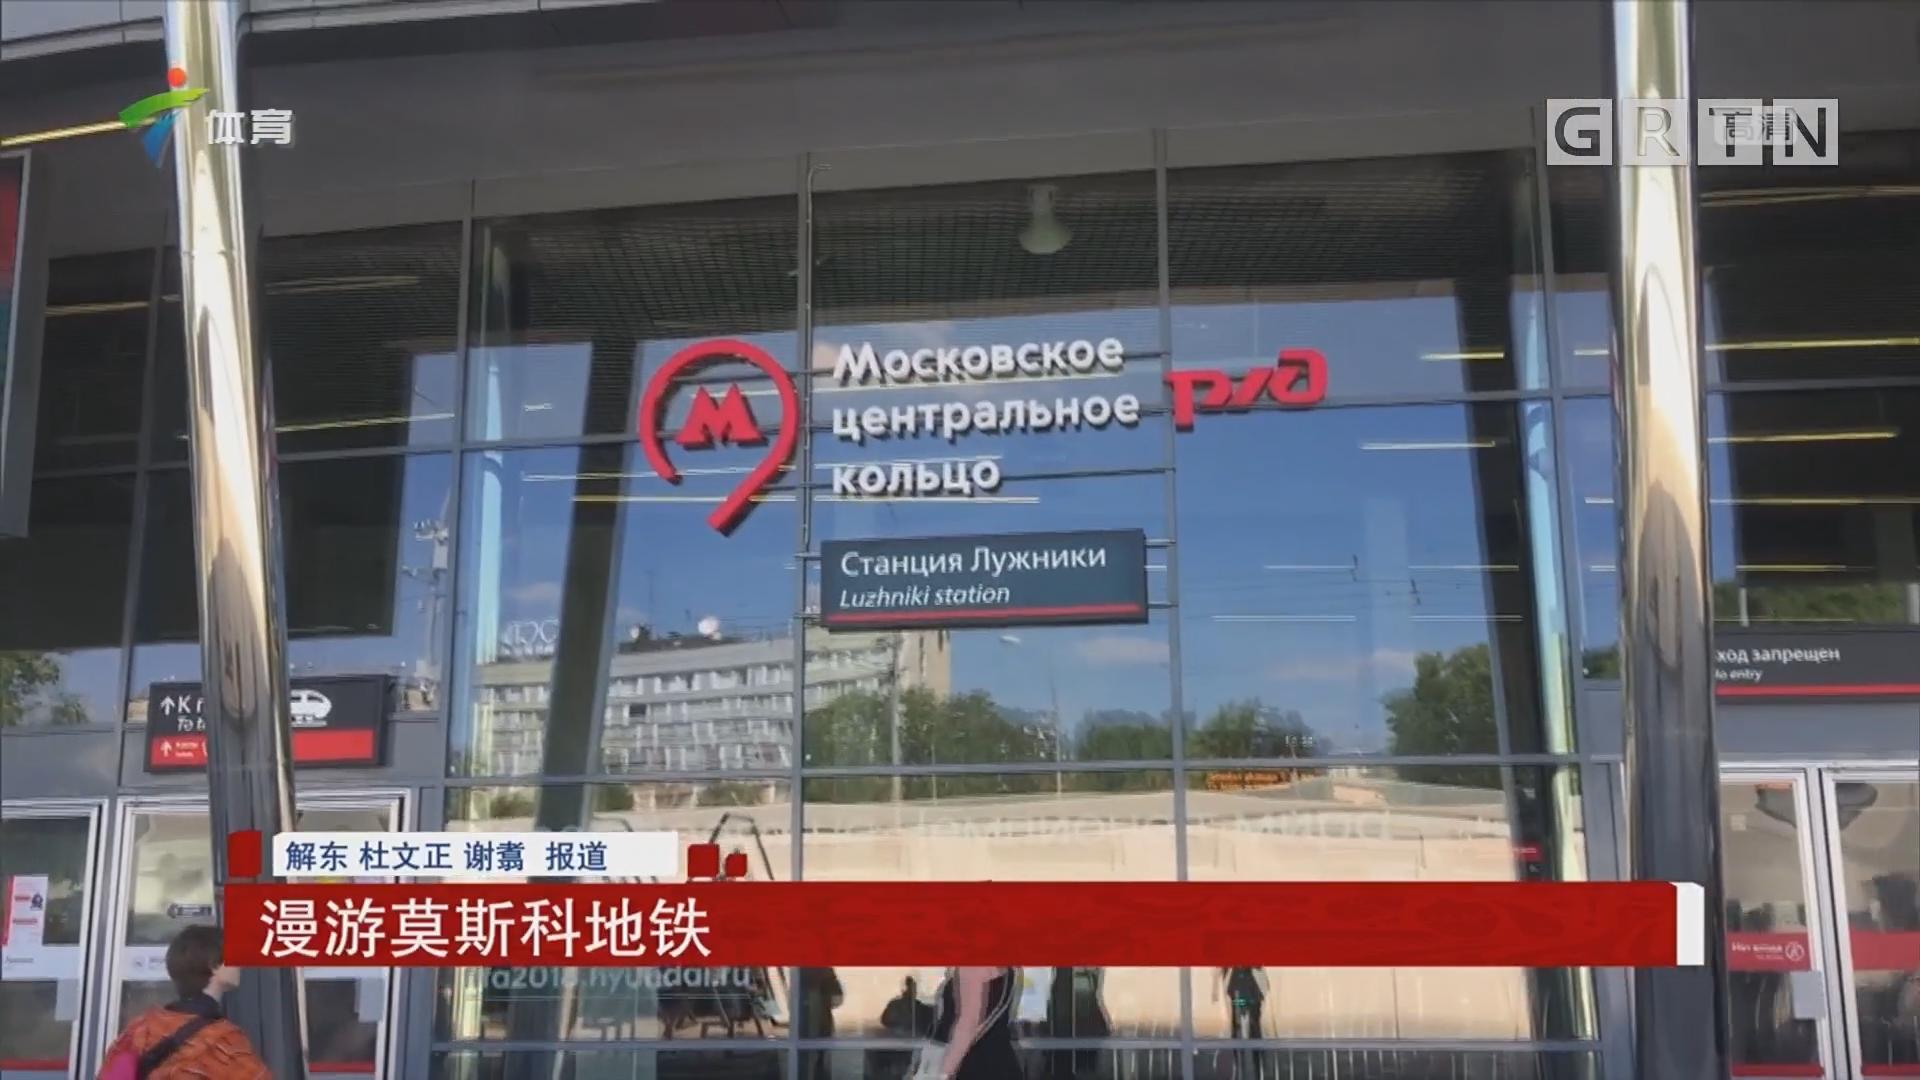 漫游莫斯科地铁